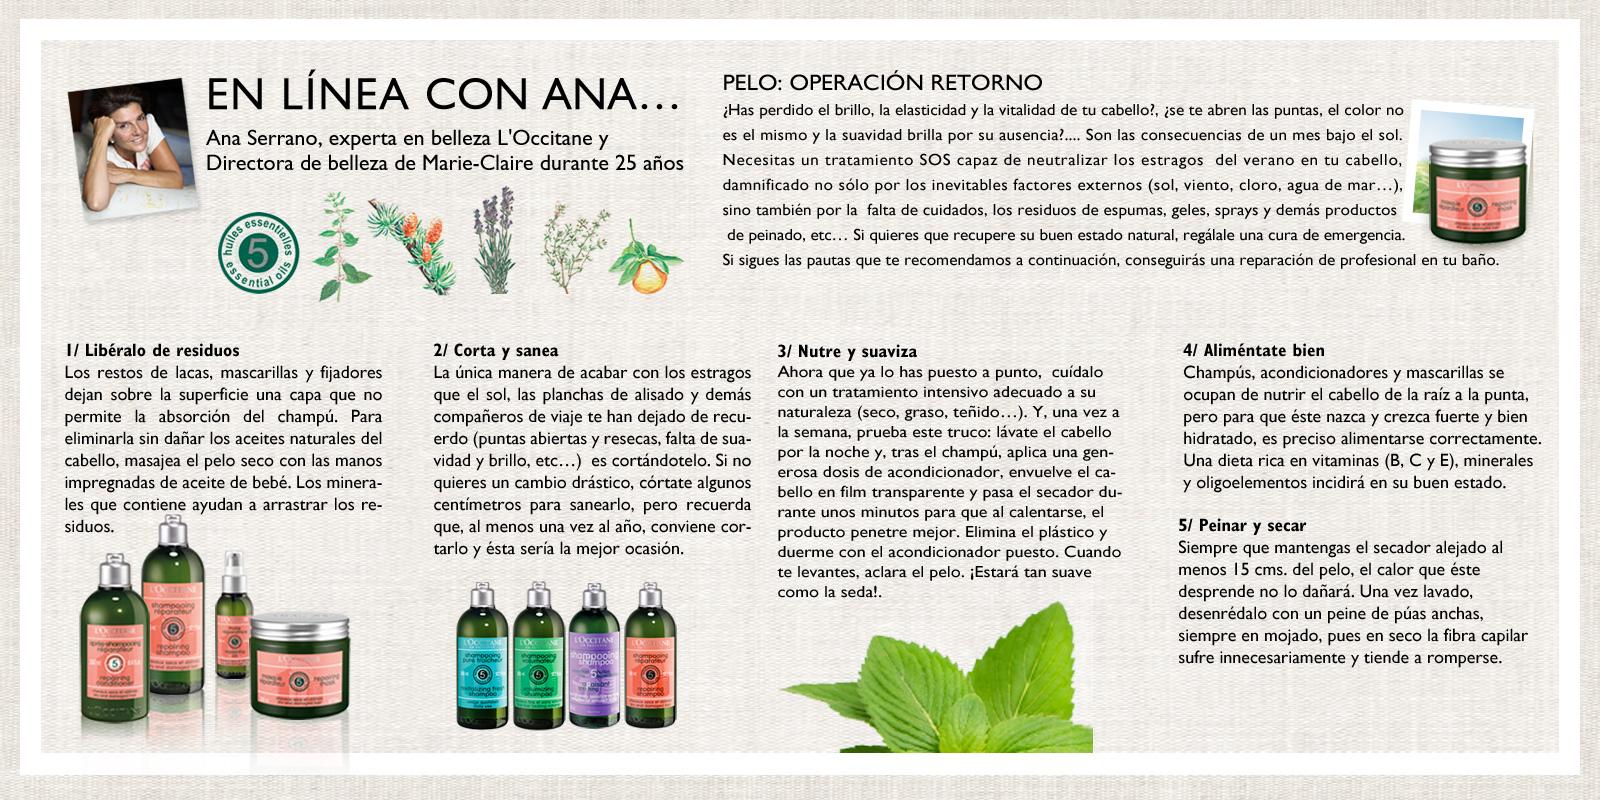 Aromacología - Linea con Ana - L'Occitane